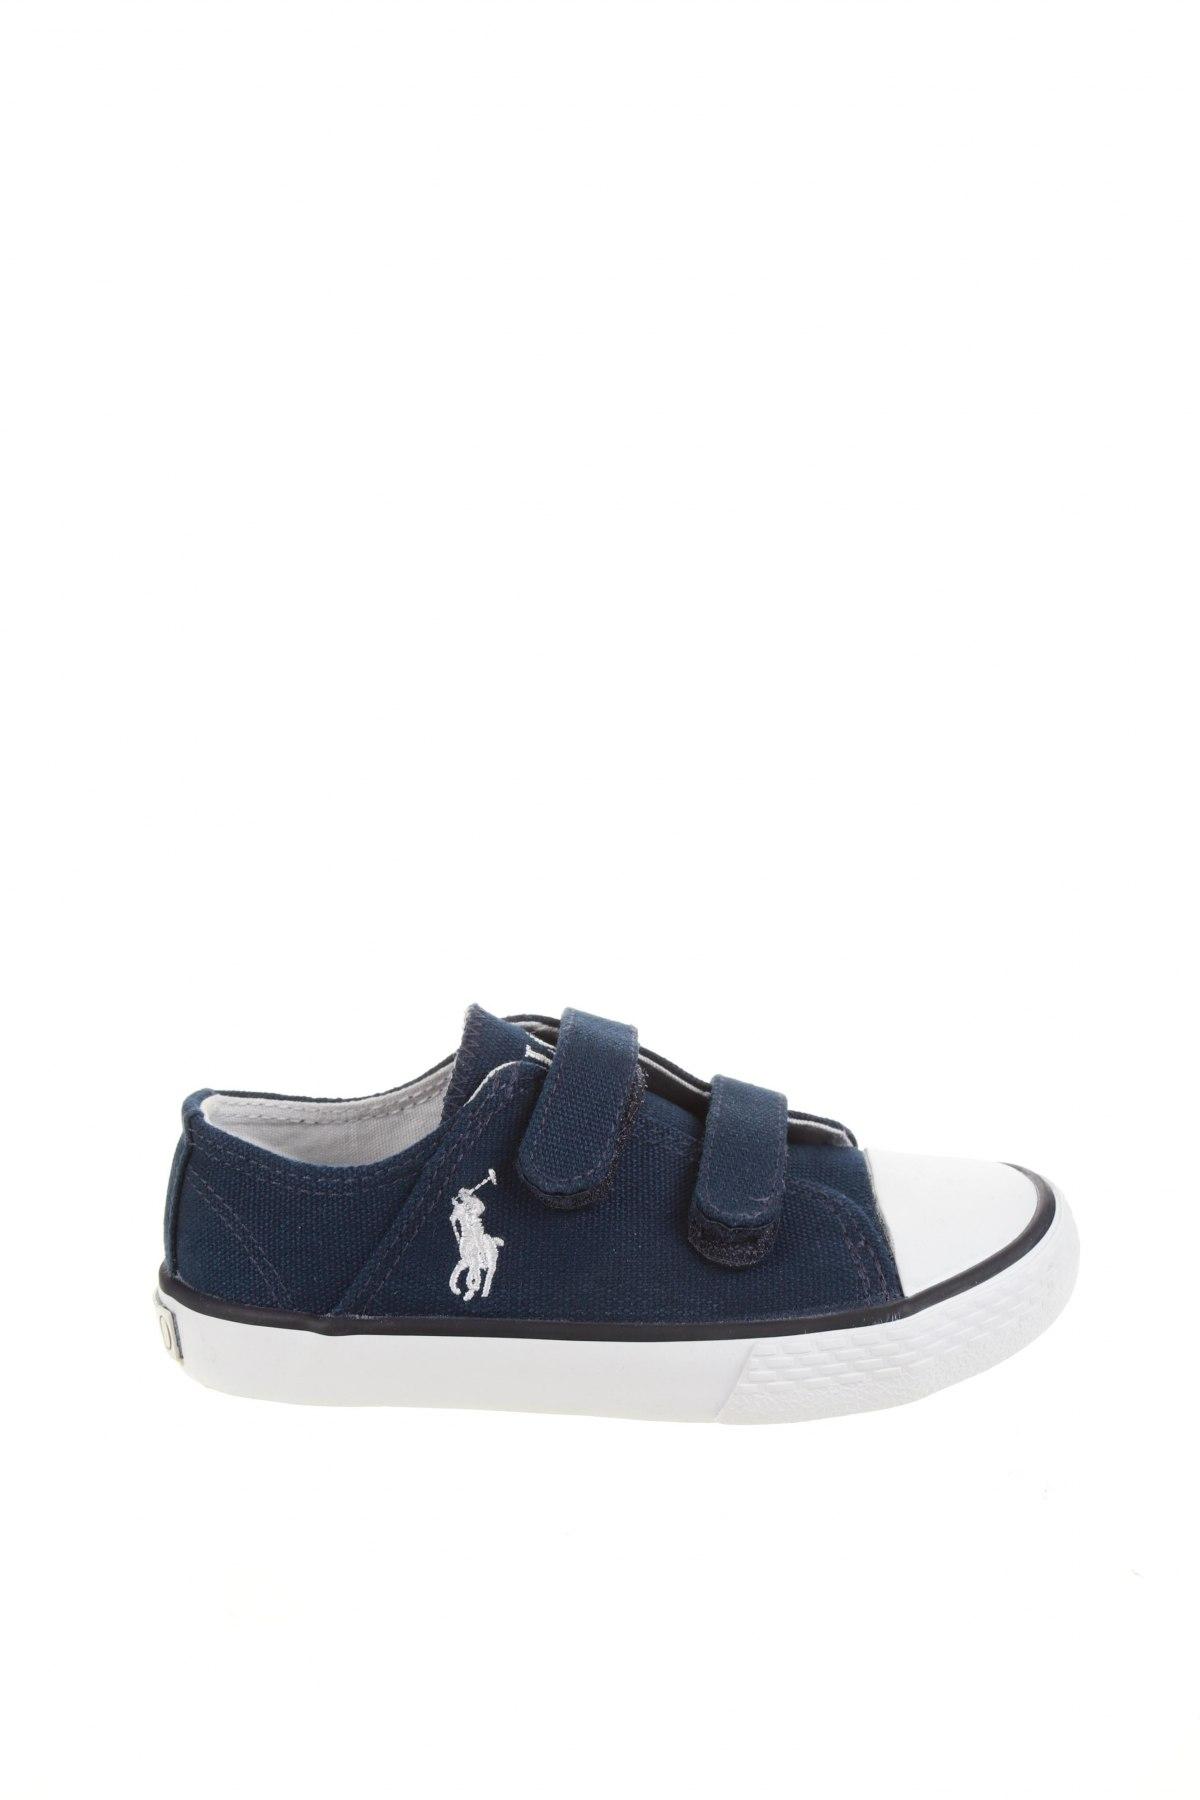 Детски обувки Polo By Ralph Lauren, Размер 26, Цвят Син, Текстил, Цена 74,25лв.